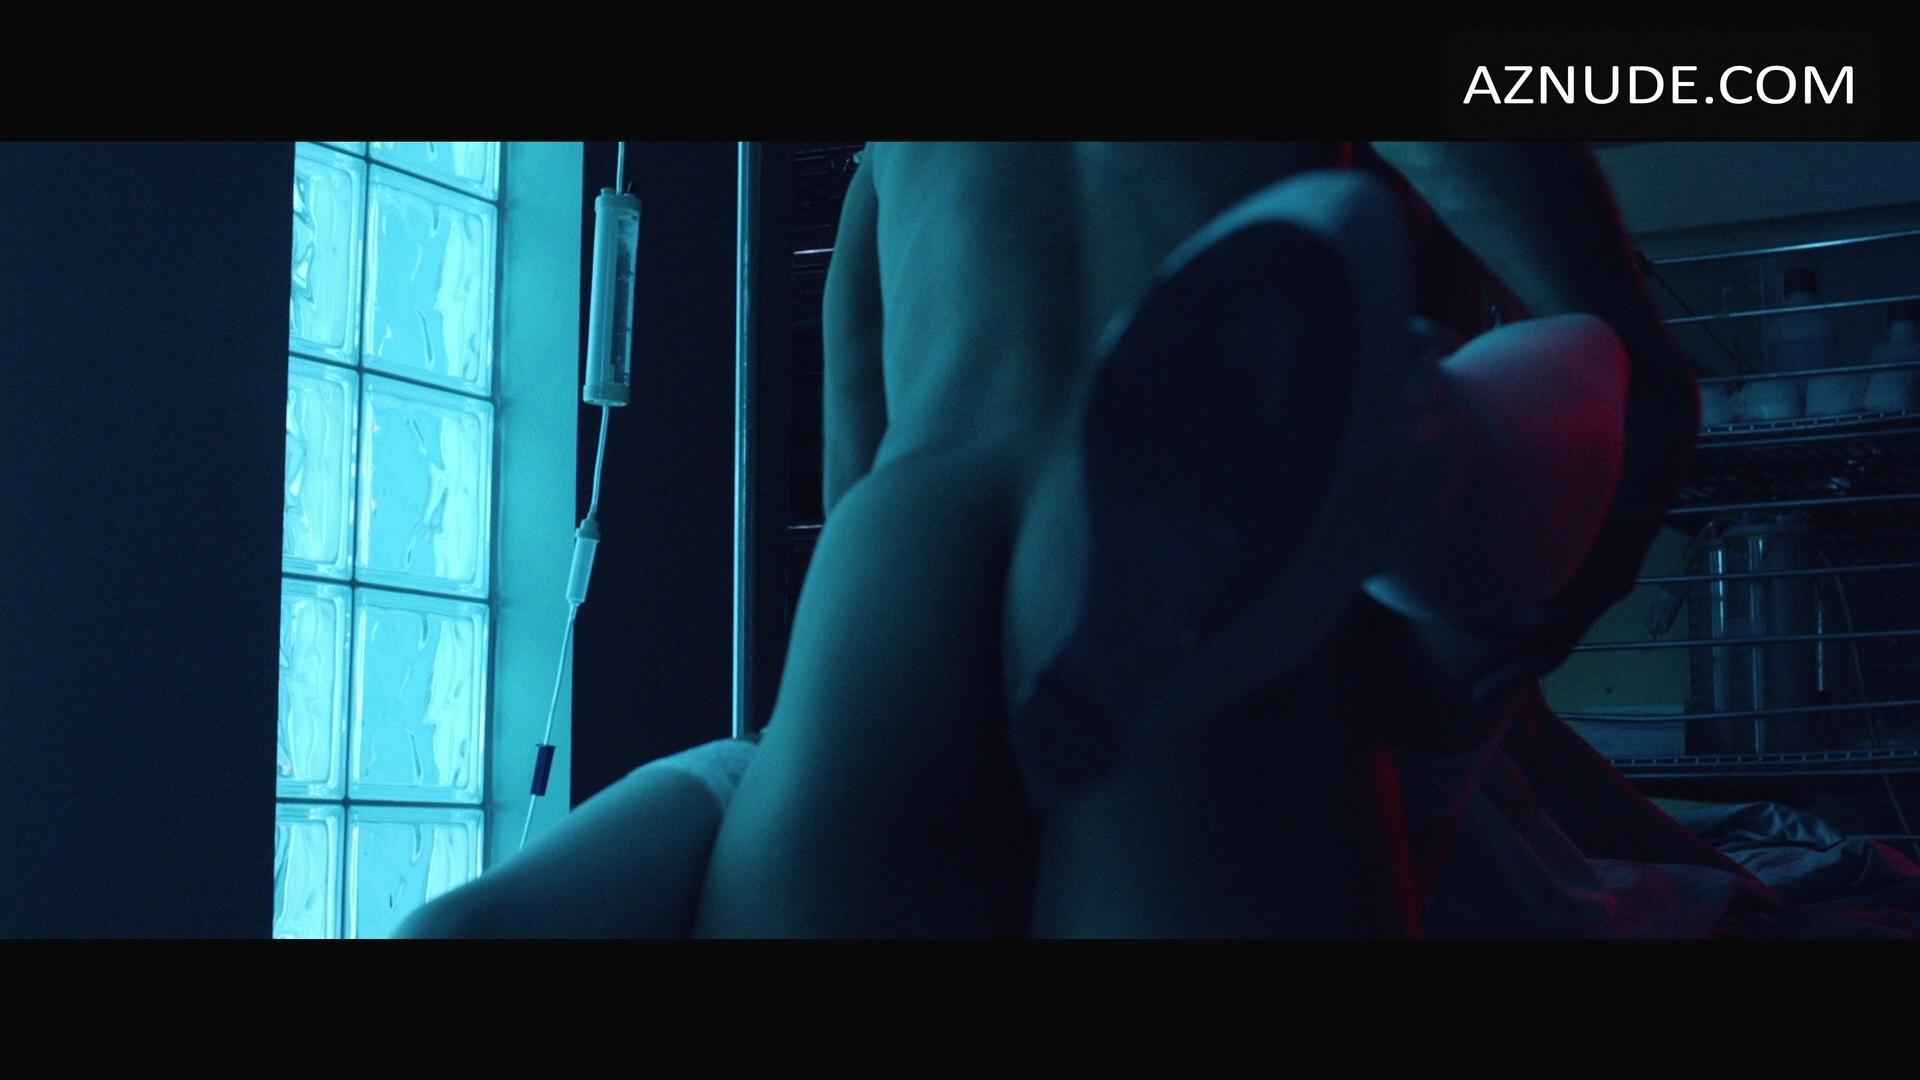 showing corbin naked his butt bleu